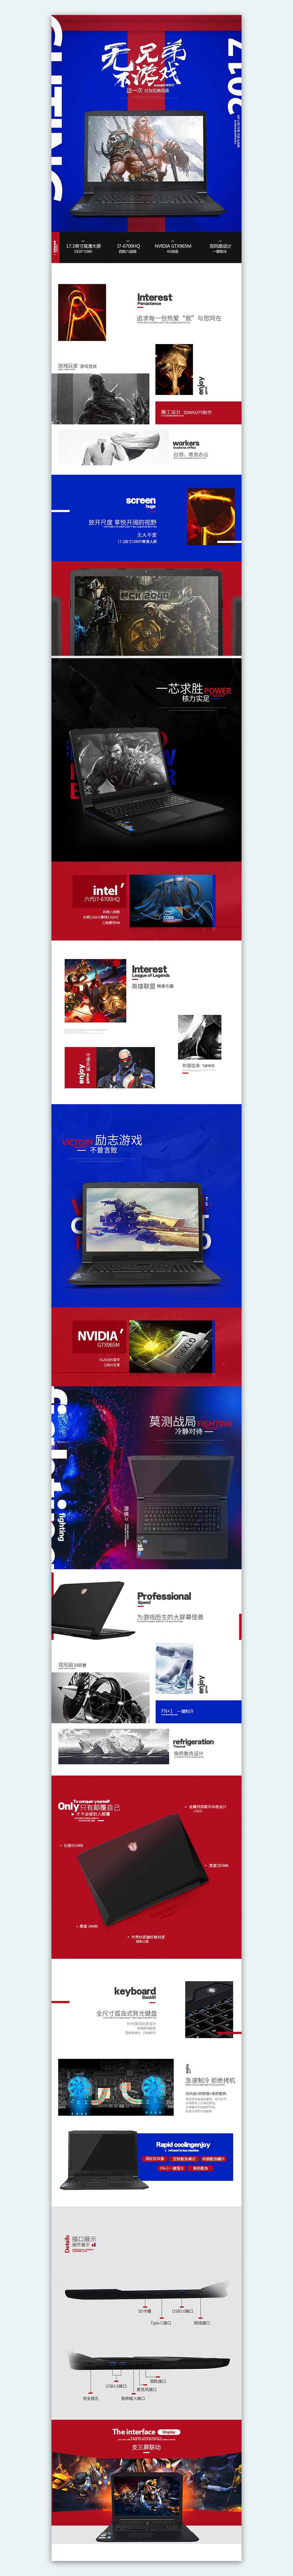 查看《游戏笔记本电脑详情页设计~》原图,原图尺寸:900x7900